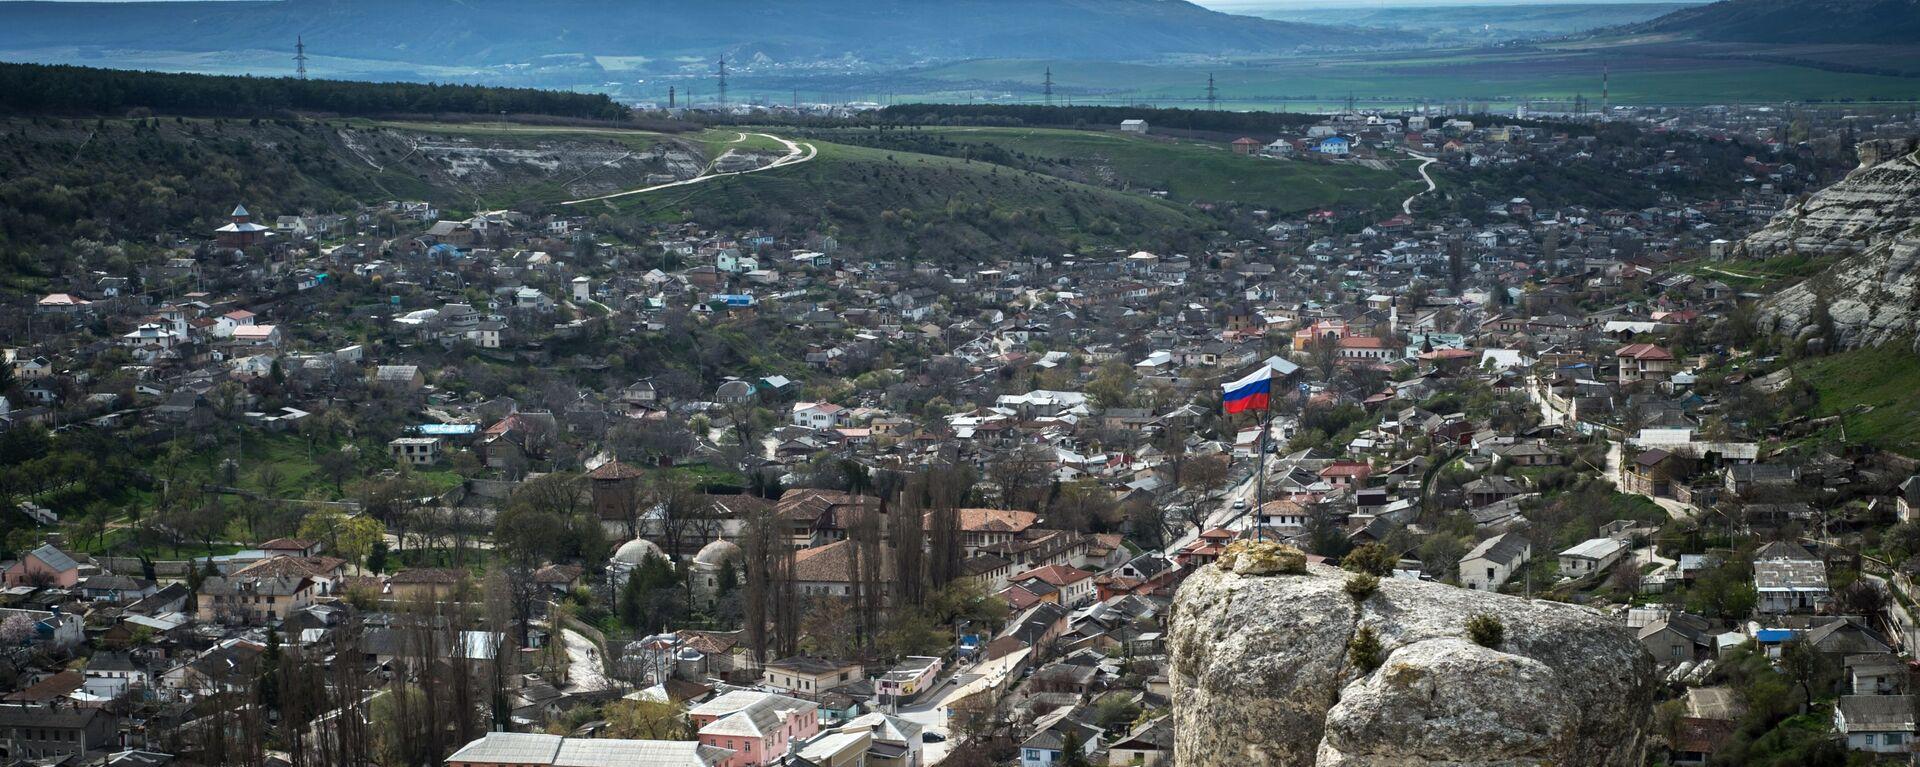 Поглед на Бахчисарај - Sputnik Србија, 1920, 11.03.2021